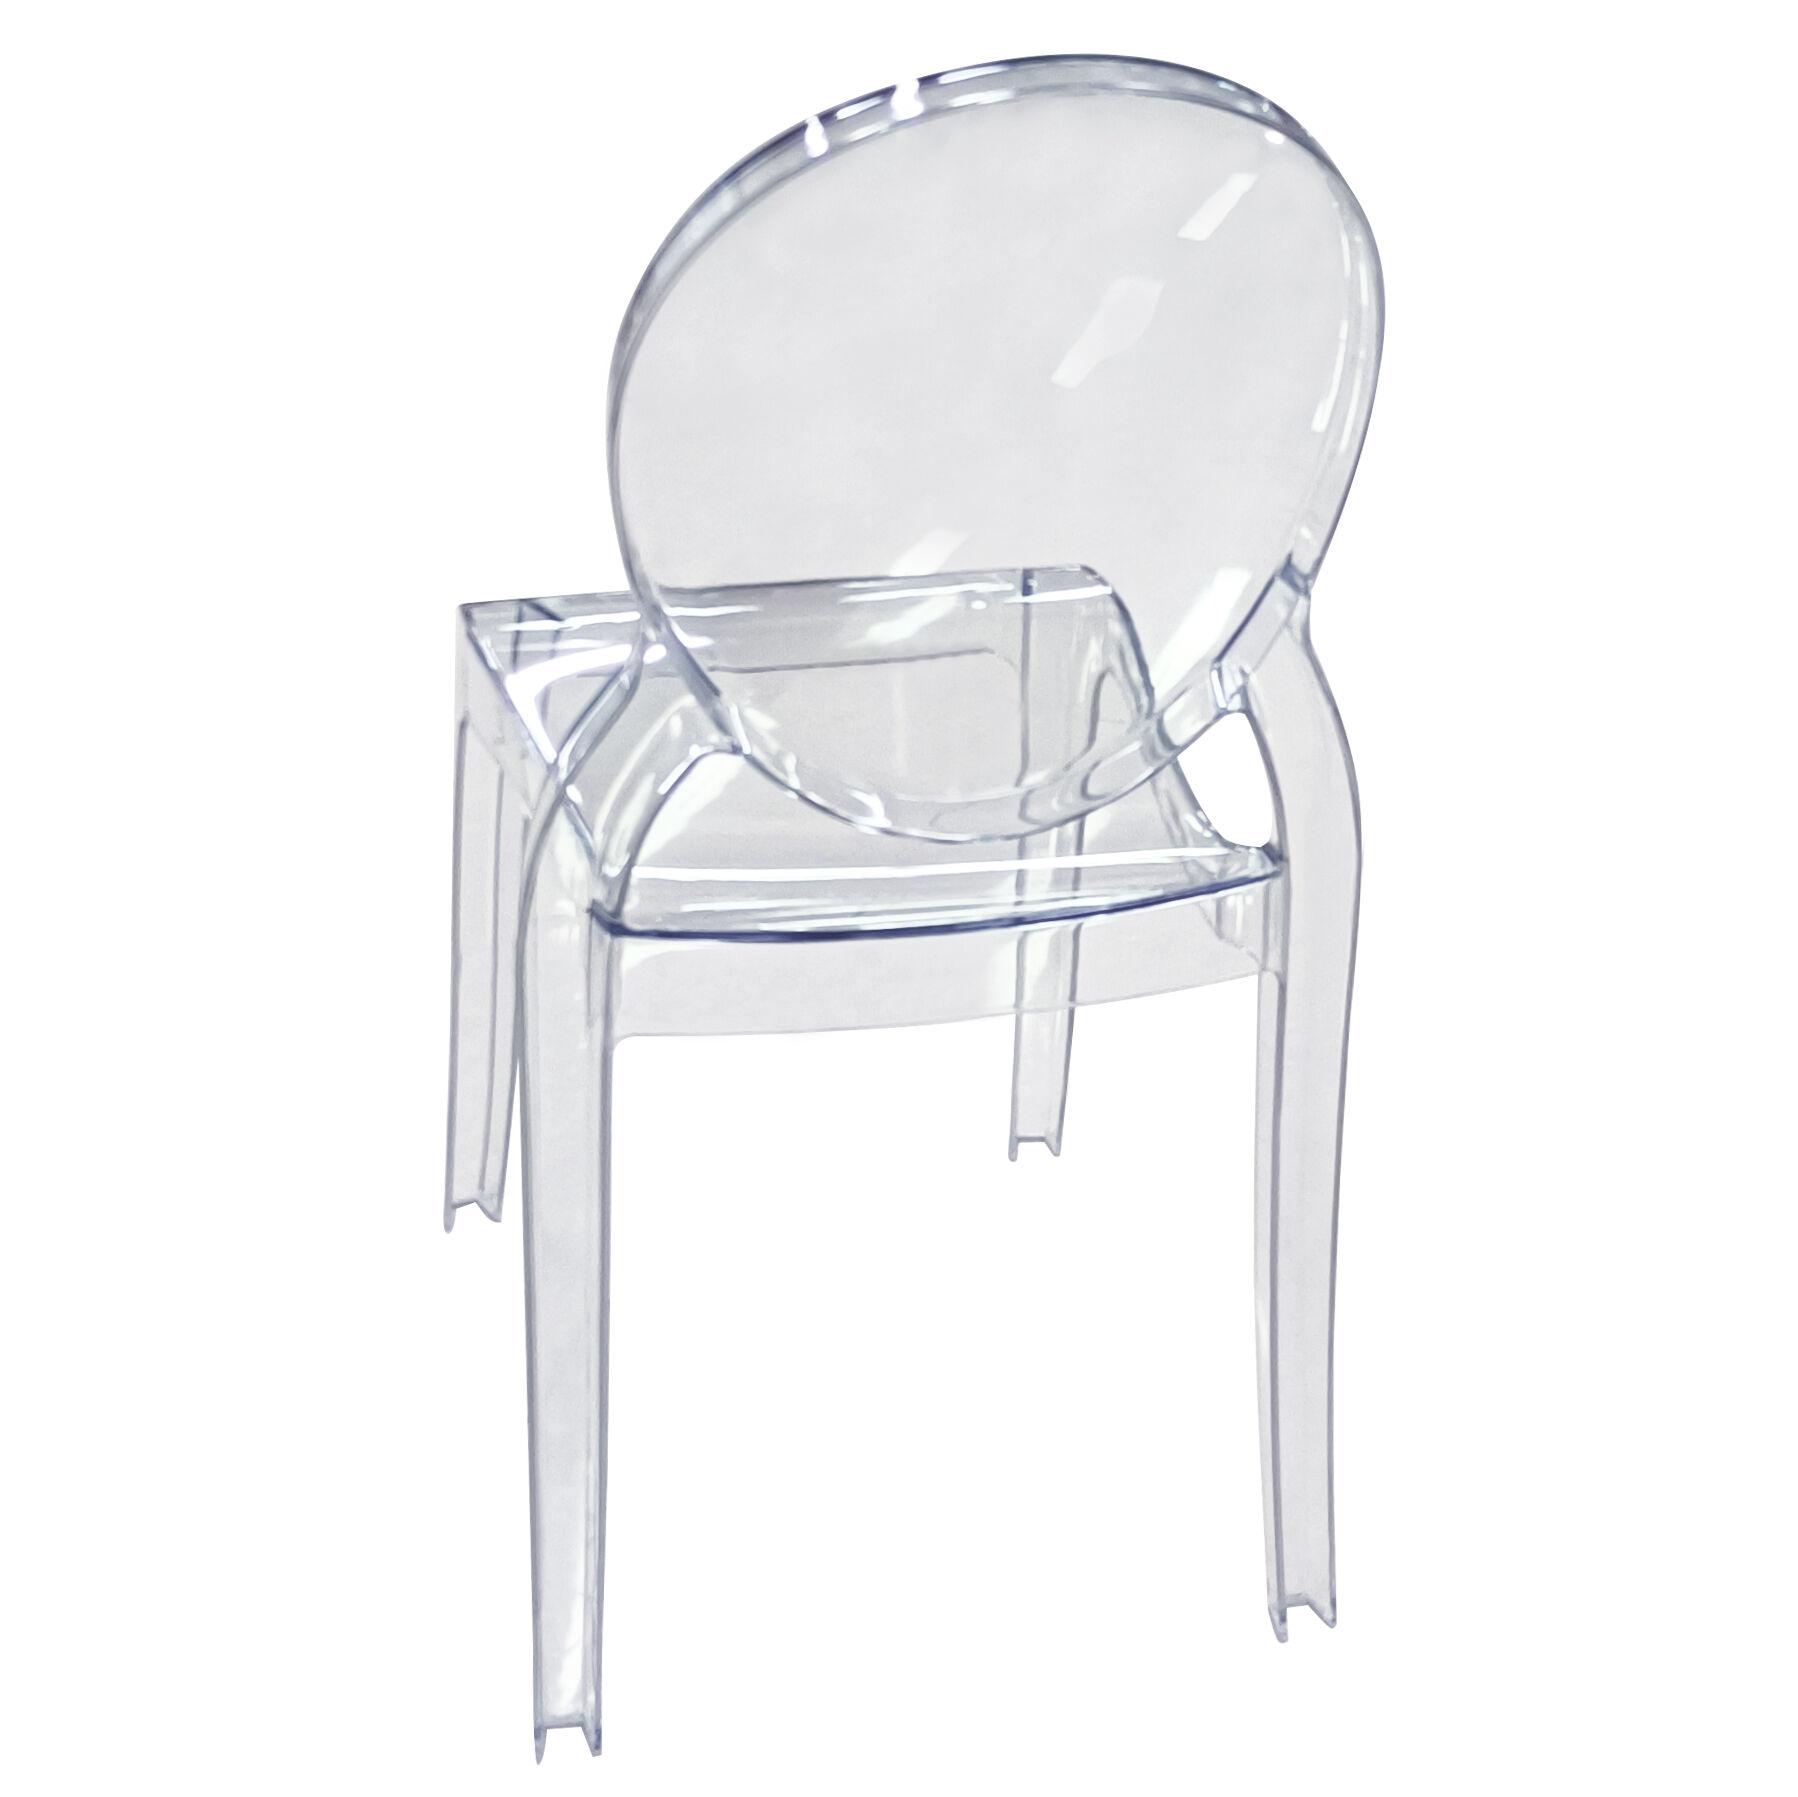 Milani Home MÉLODIE - sedia moderna in policarbonato trasparente